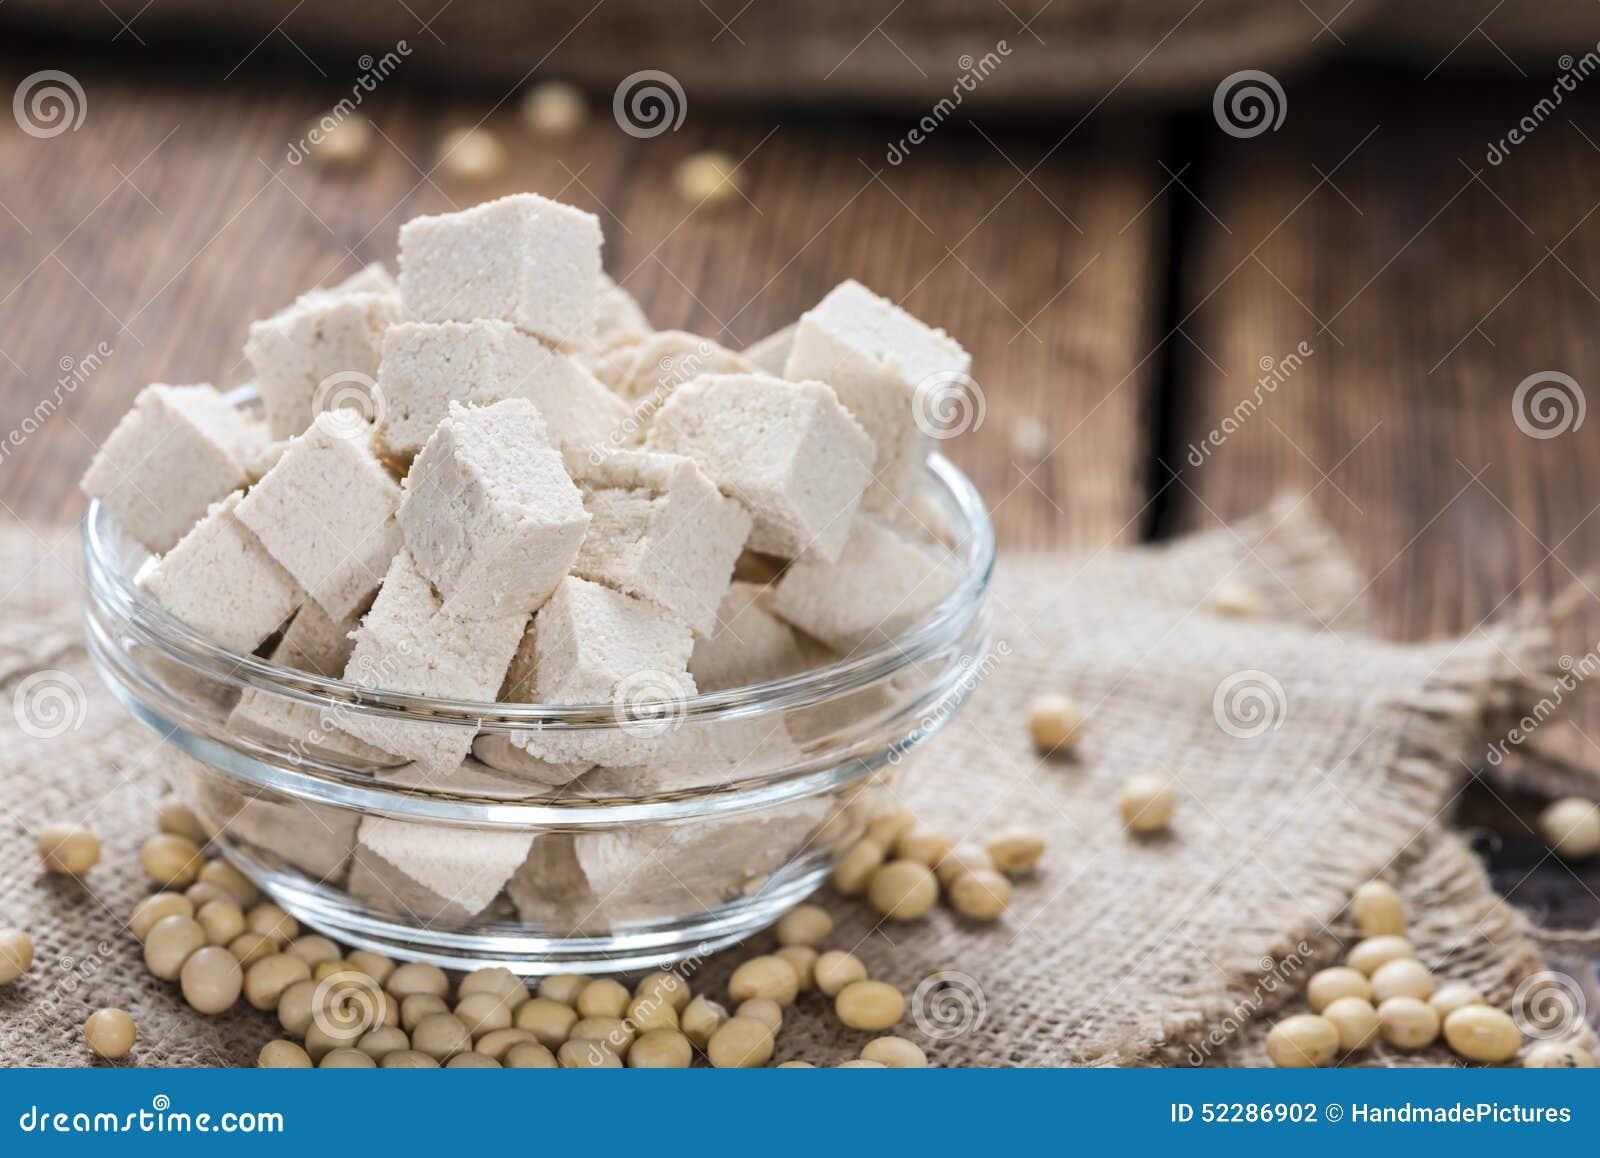 Gedeelte van Tofu